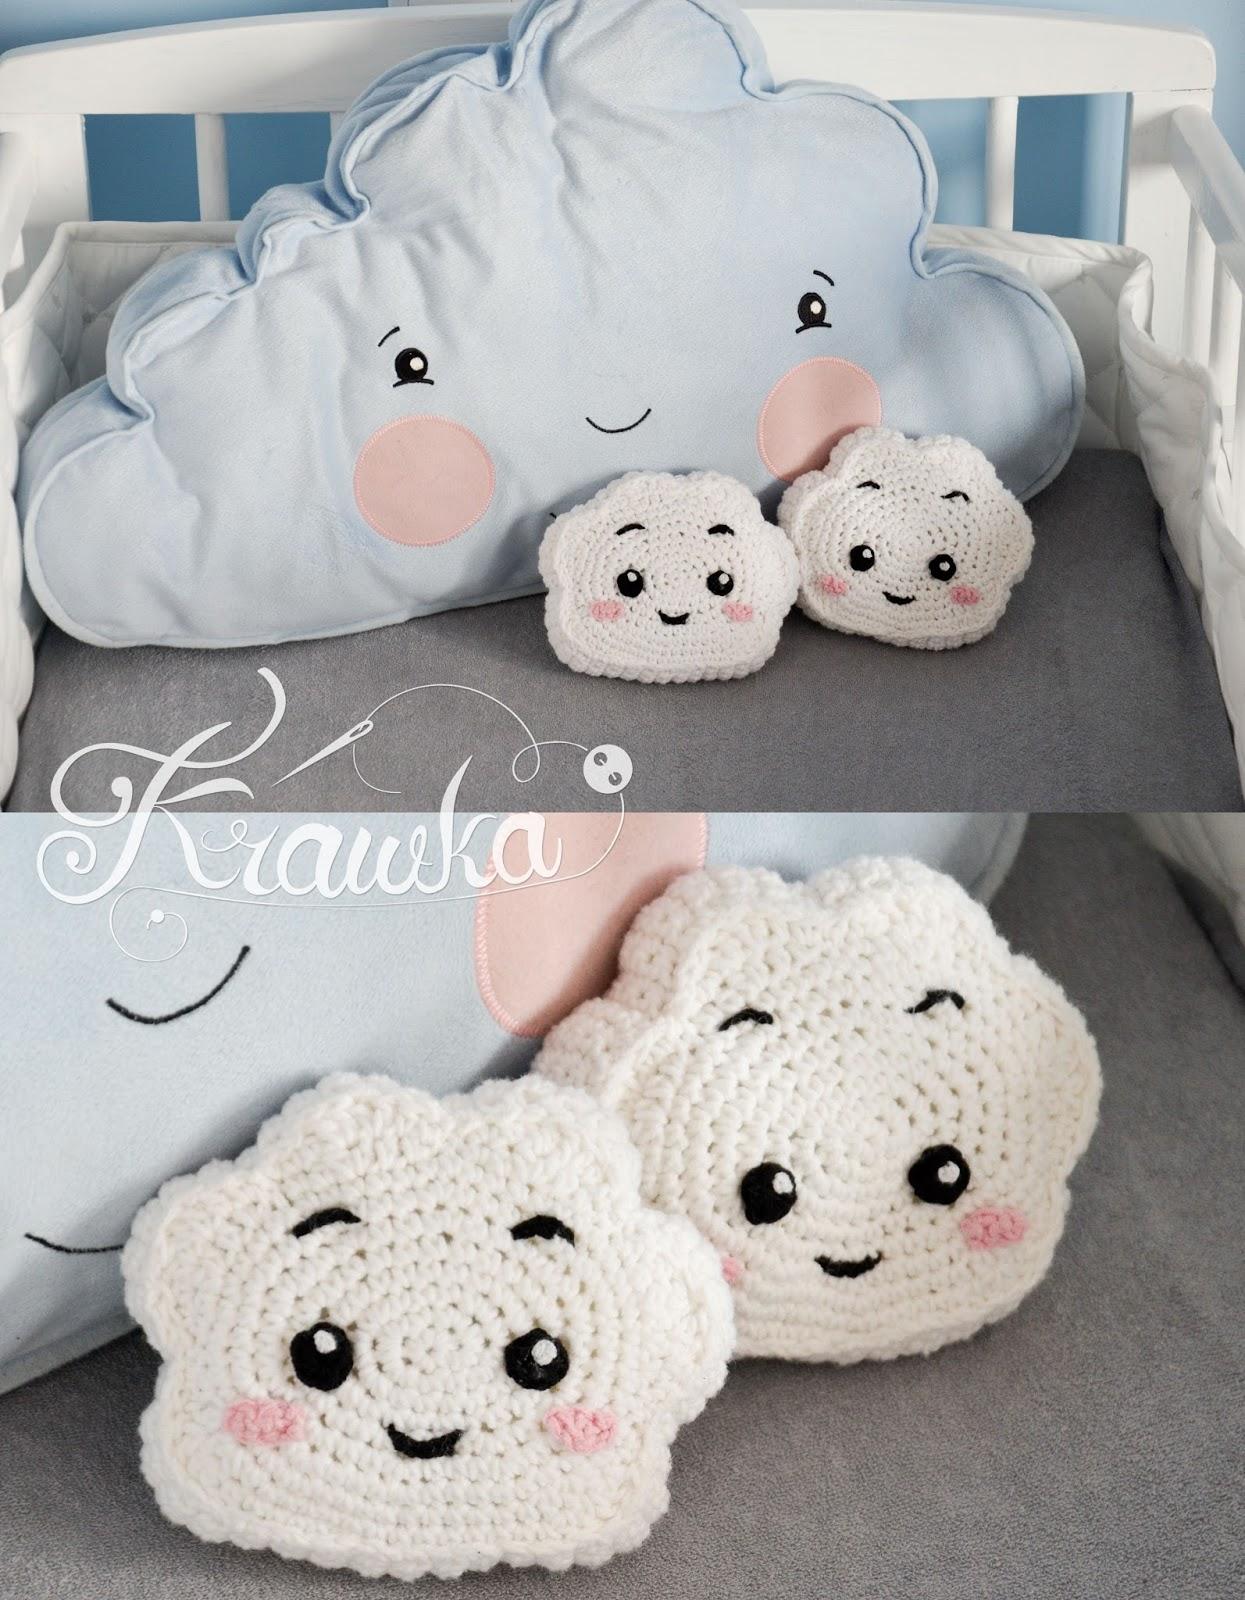 Krawka: Cute cloud mini pillow - free pattern